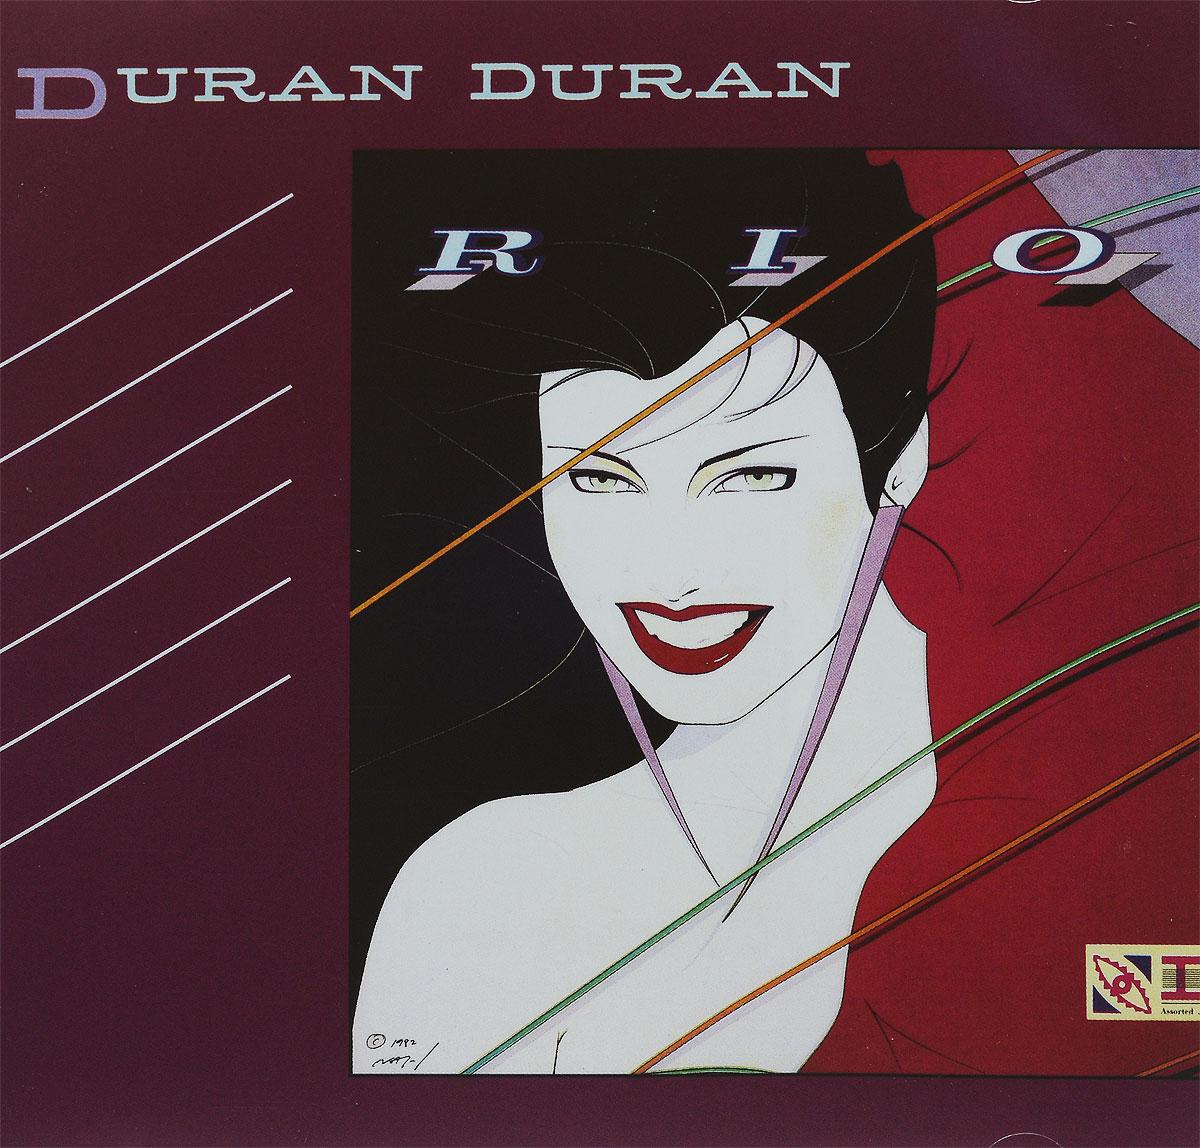 Duran Duran Duran Duran. Rio (2 CD) cd диск duran duran duran duran the wedding album 1 cd